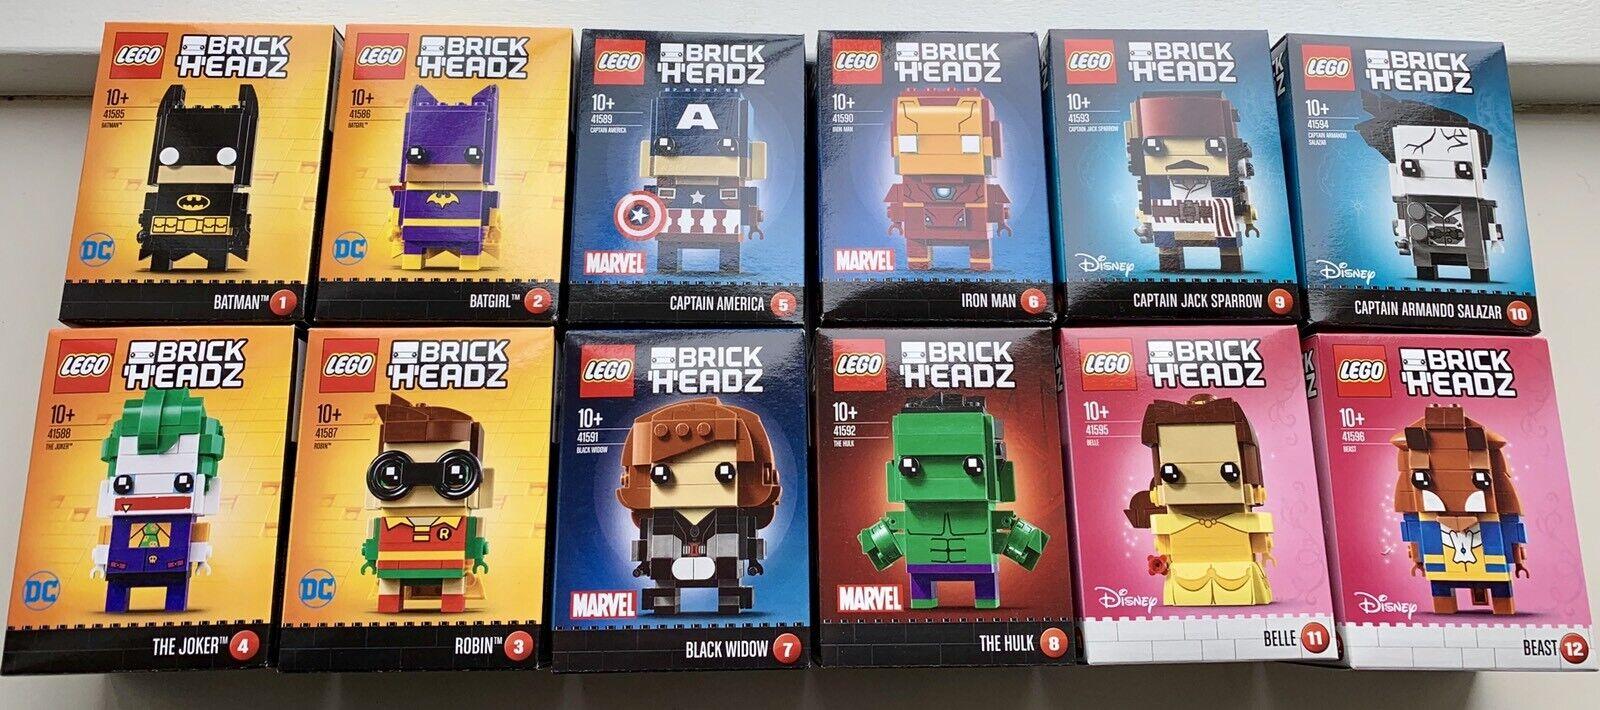 12 Lego Brickheadz 41585-41596, number 1 2 3 4 5 6 7 8 9 10 11 12 new sealed